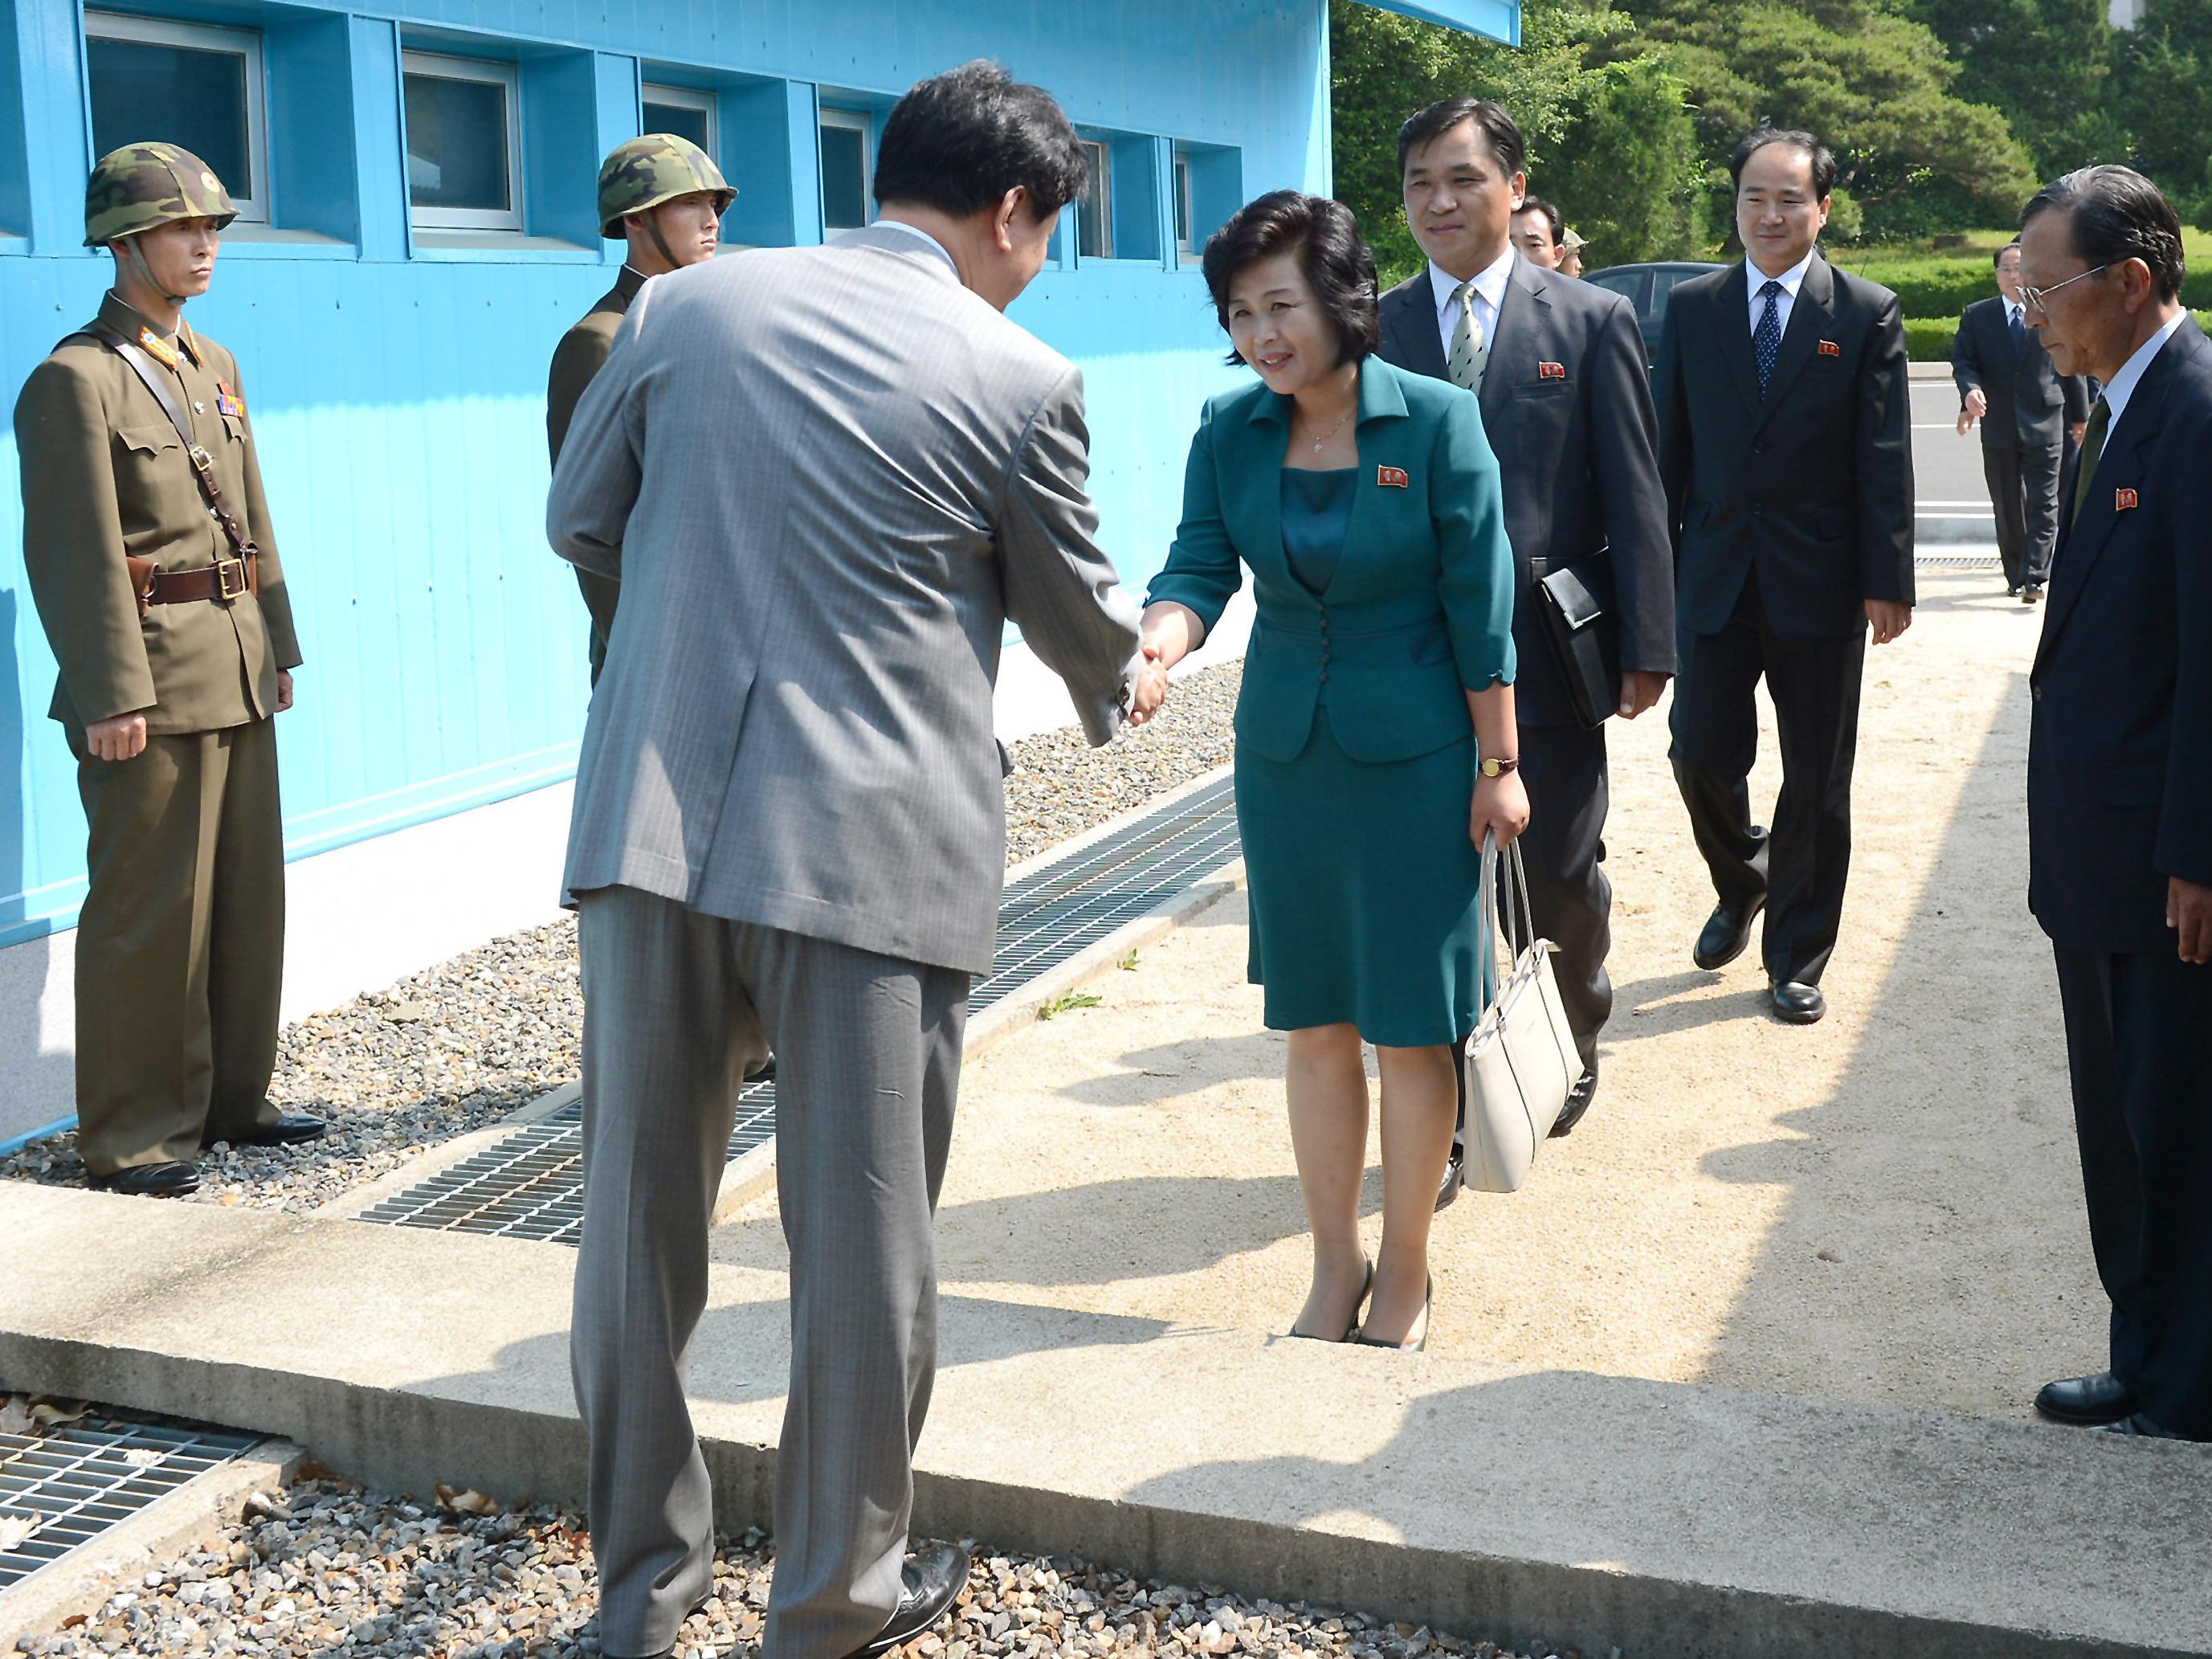 Delegations From Rival Koreas Meet At Panmunjom